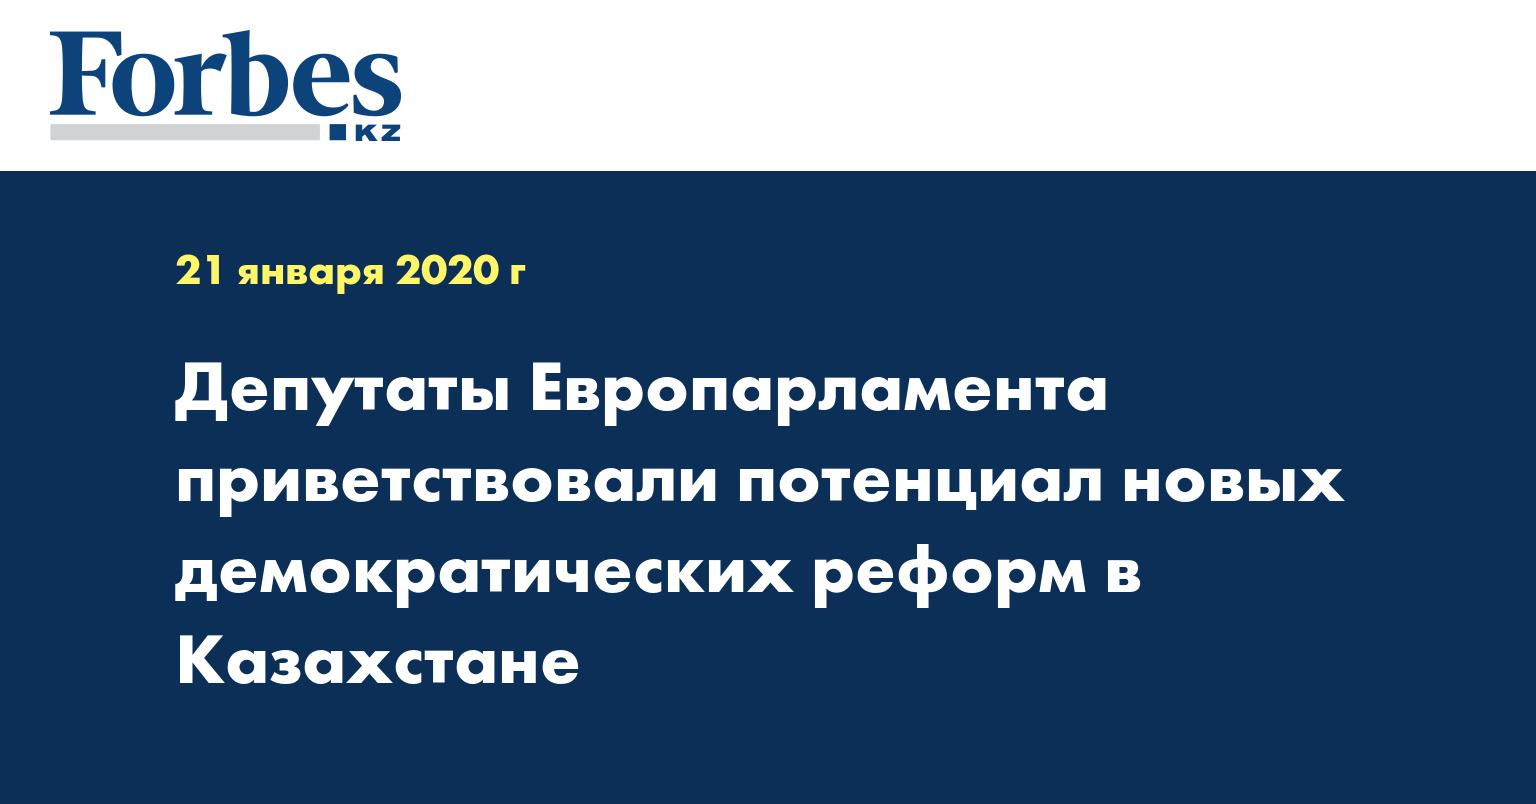 Депутаты Европарламента приветствовали потенциал новых демократических реформ в Казахстане